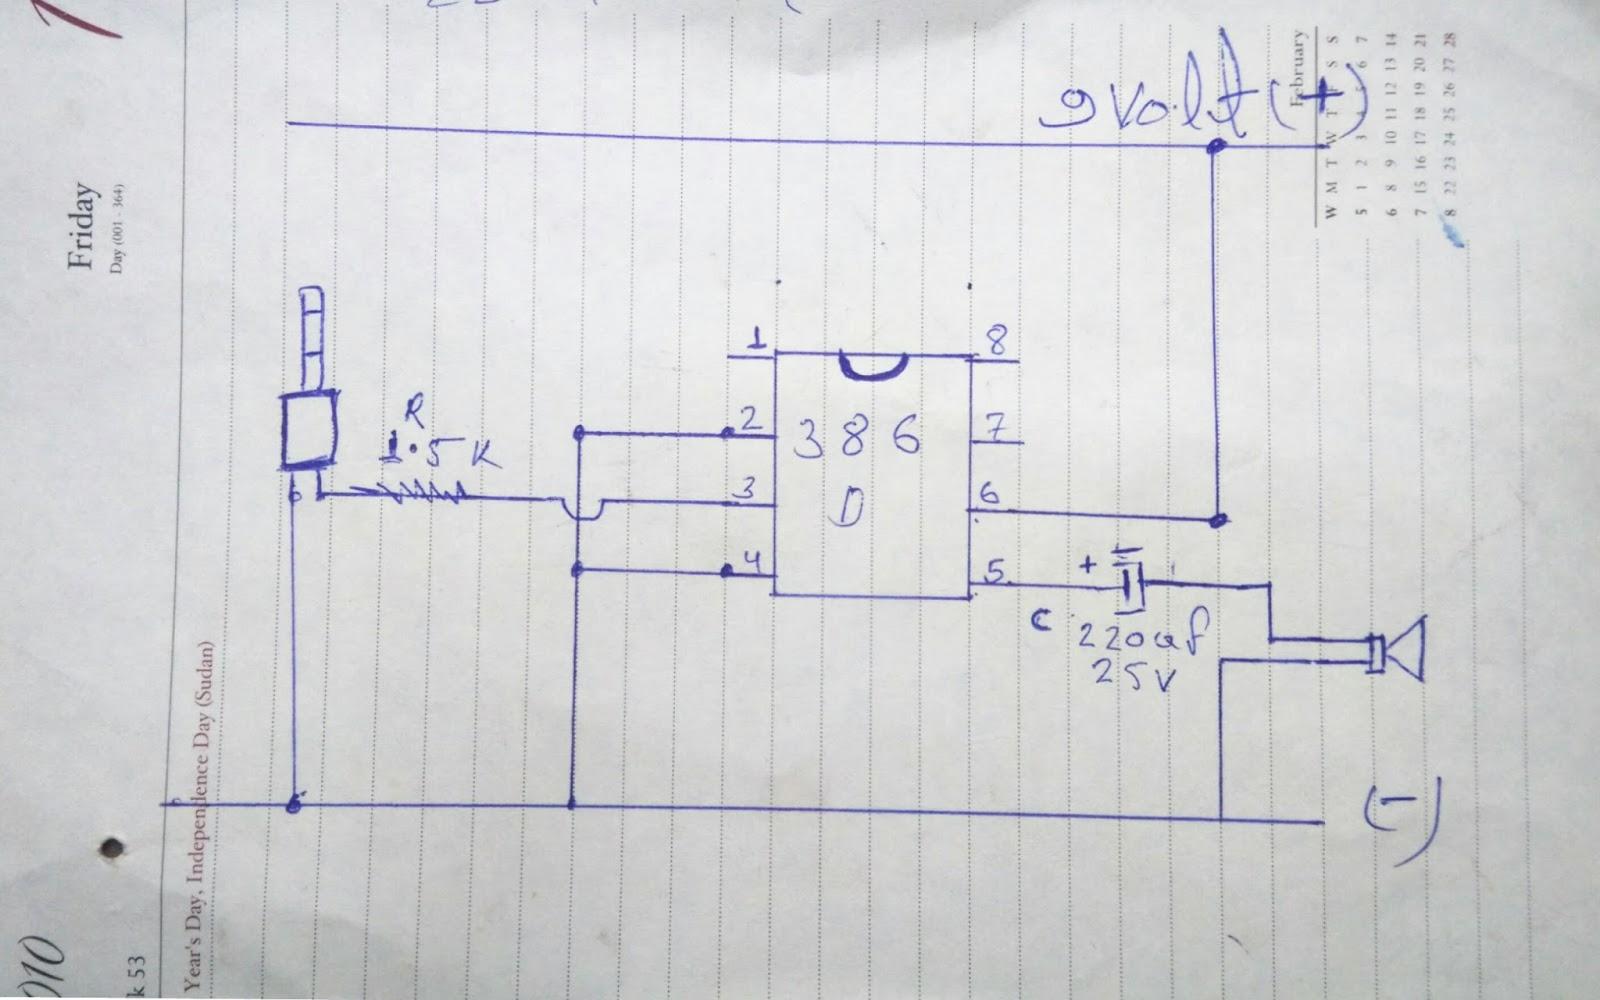 9volt Audio Amplifier Circuit Rk Electronics Project